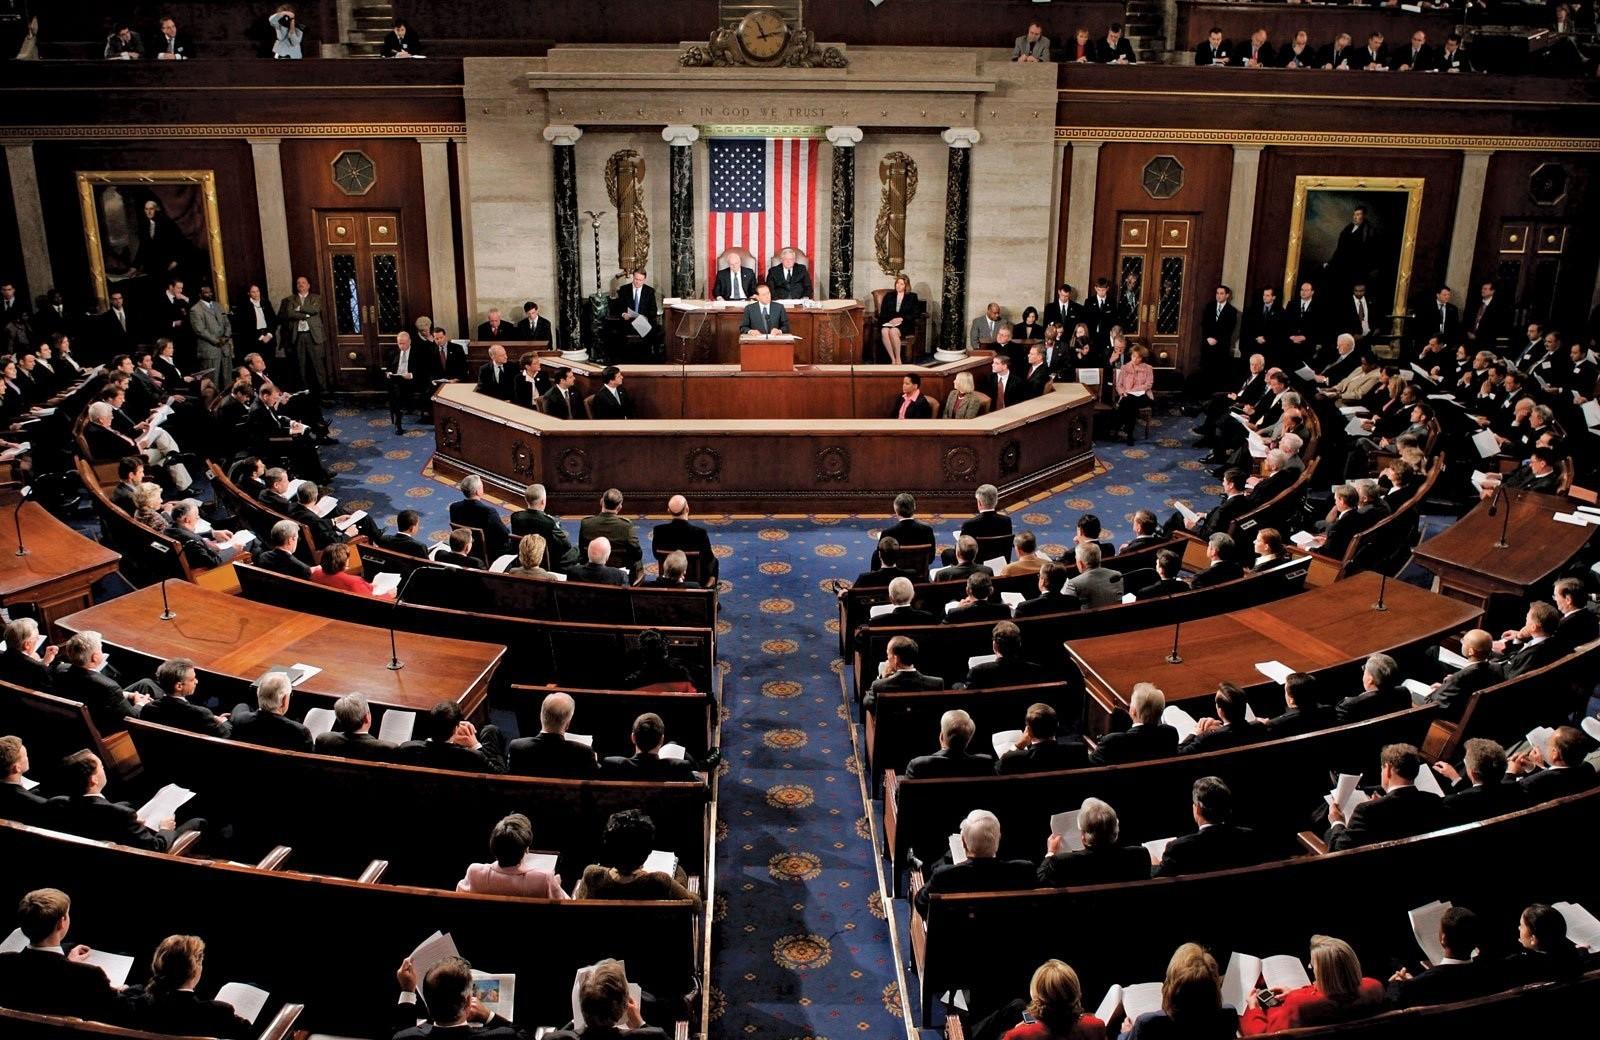 الكونجرس يناقش إدراج الإخوان في قائمة التنظيمات الإرهابية